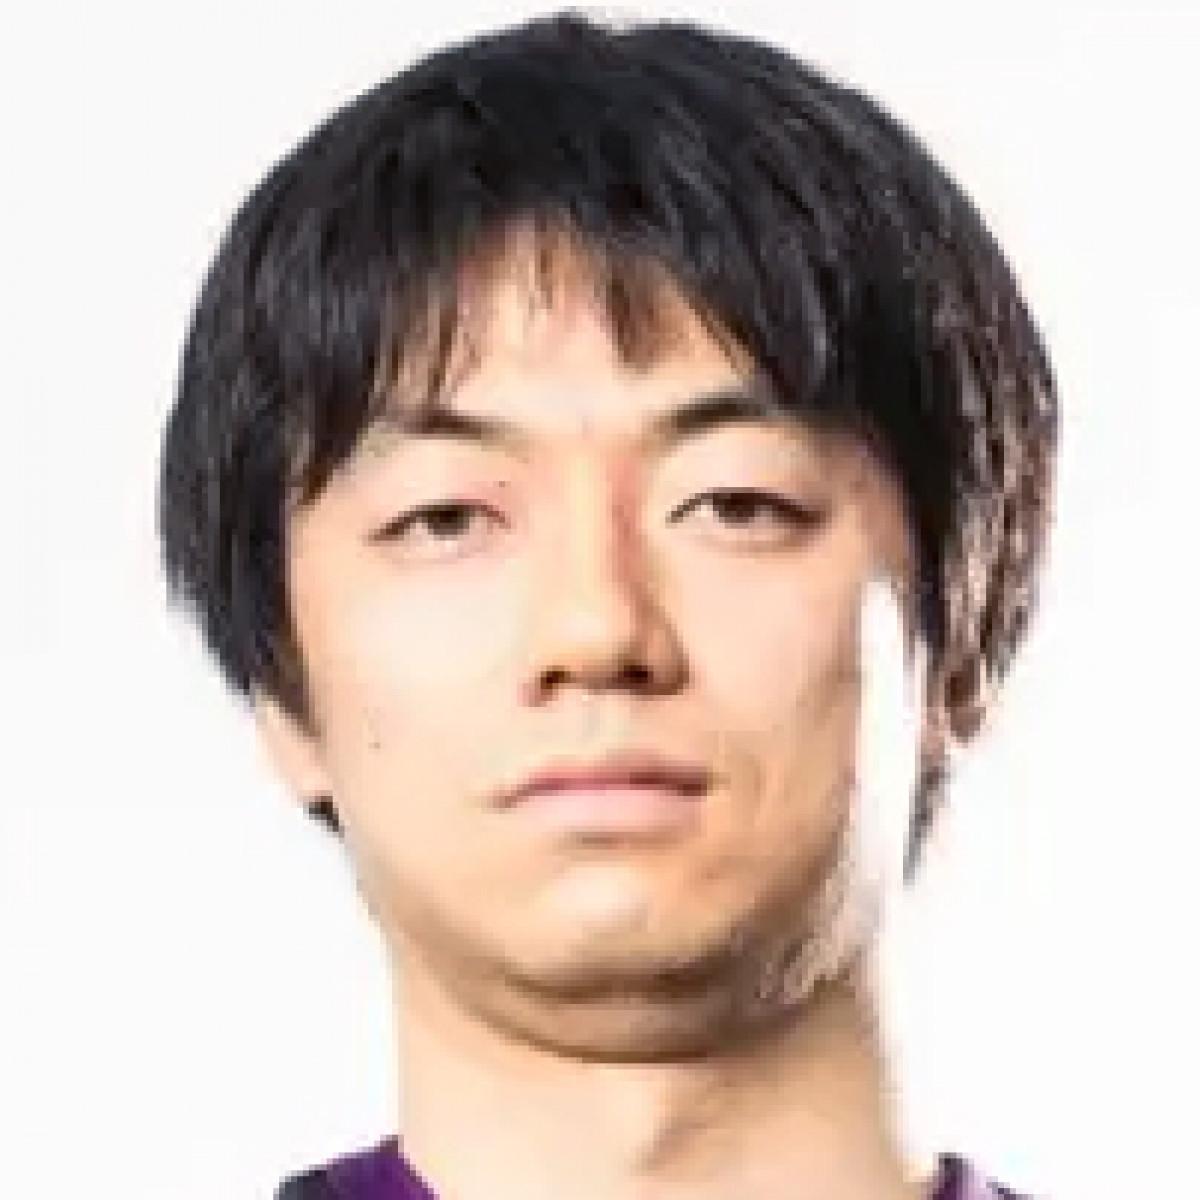 Mitsutaka Izawa